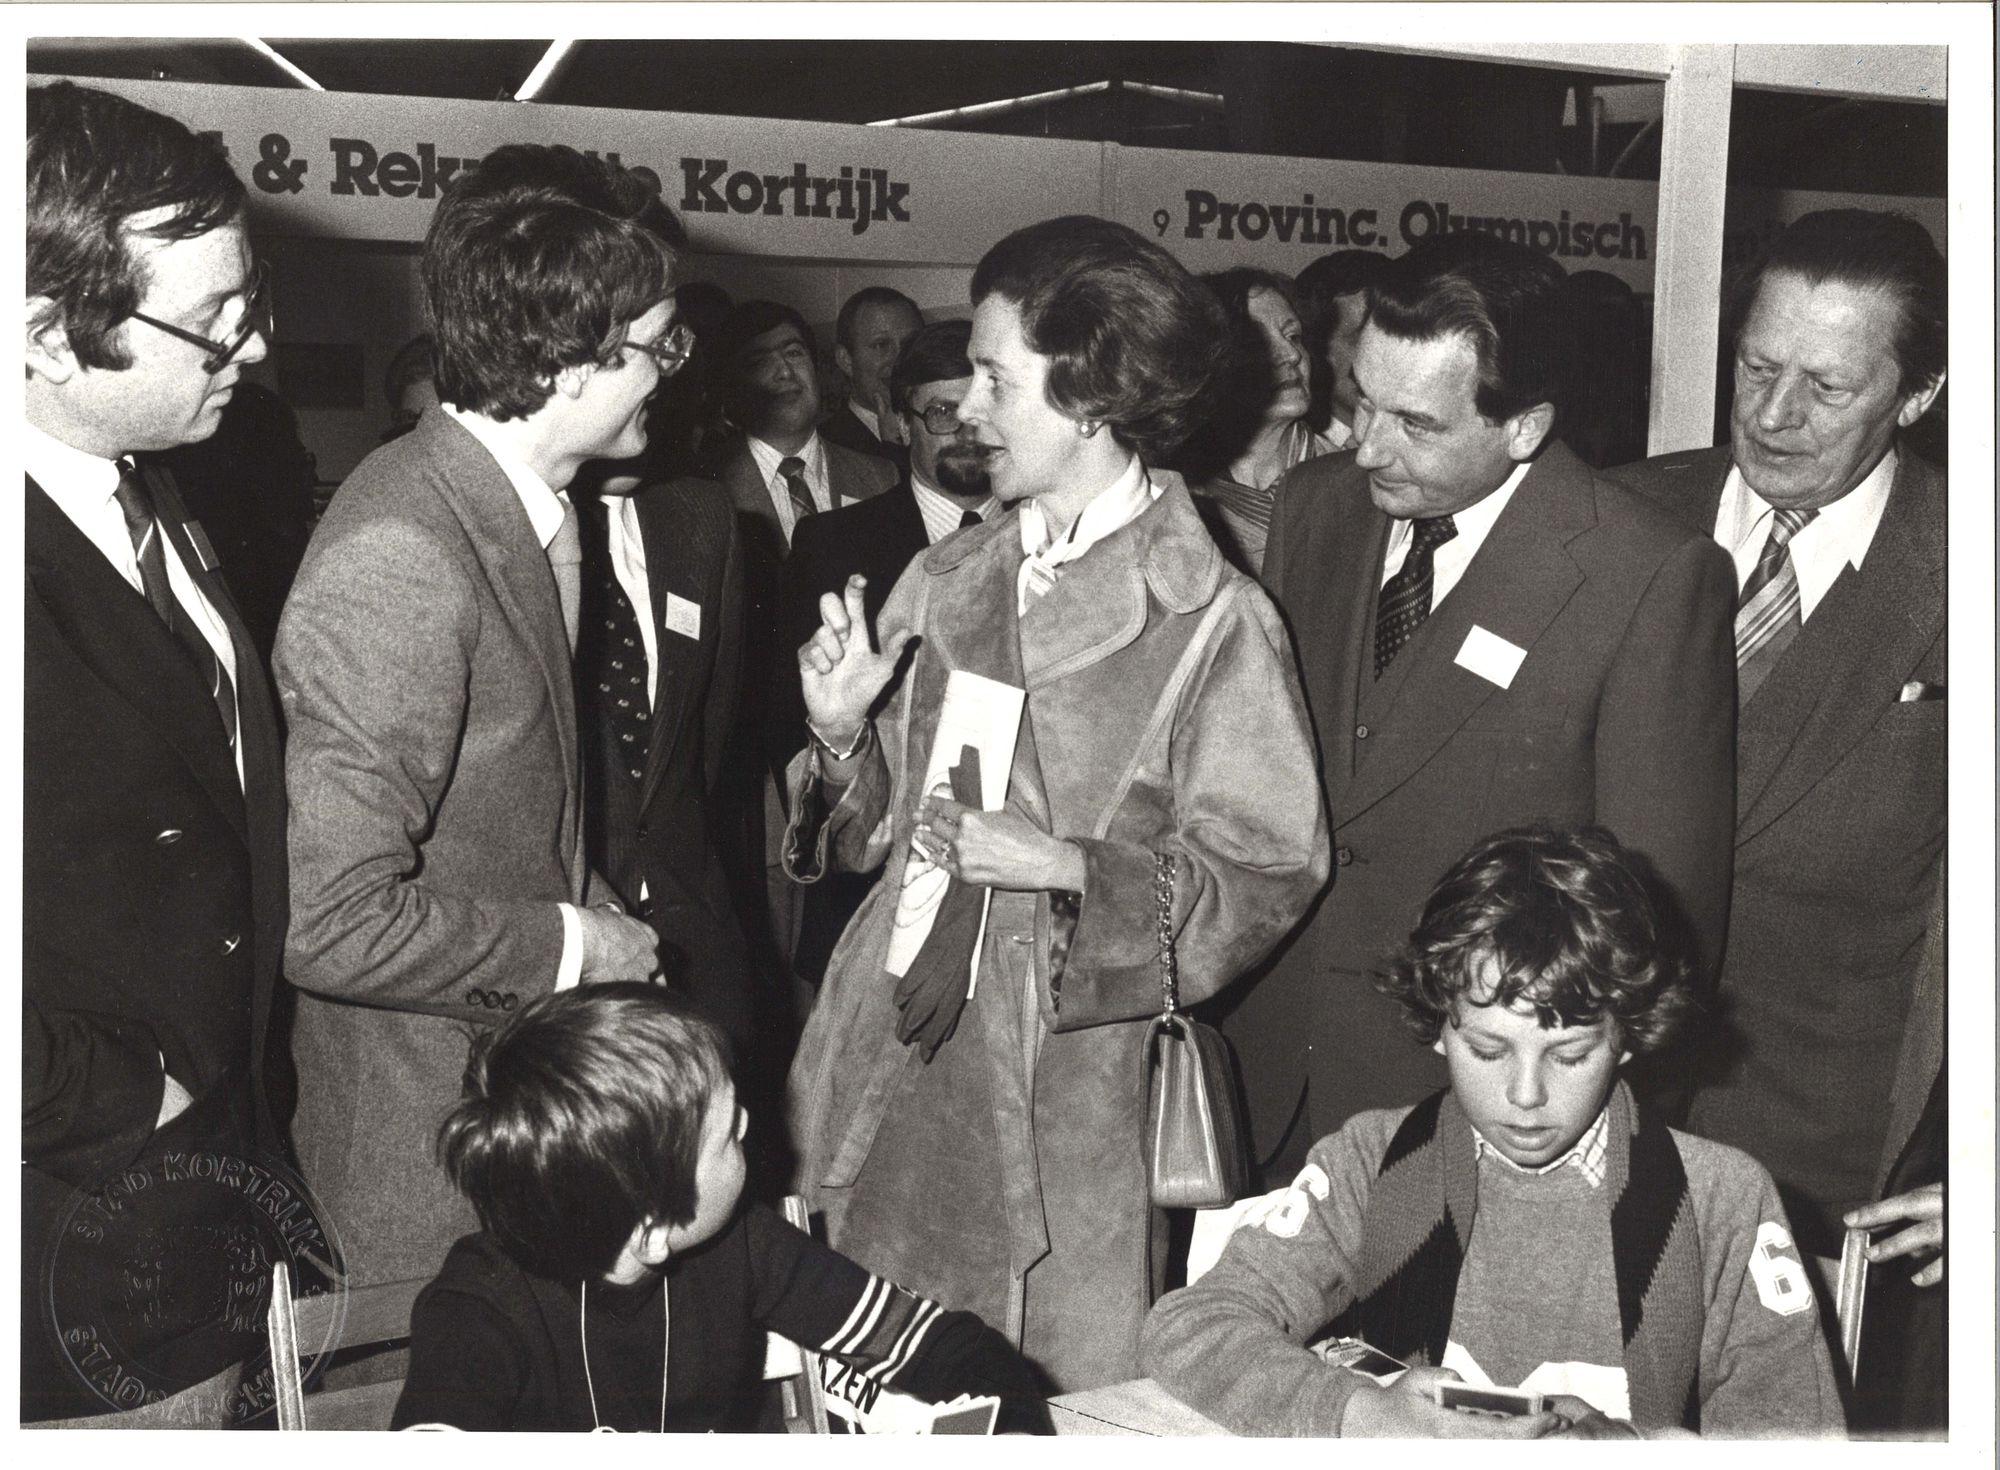 Koningin Fabiola op bezoek in de Kortrijkse Hallen 1980